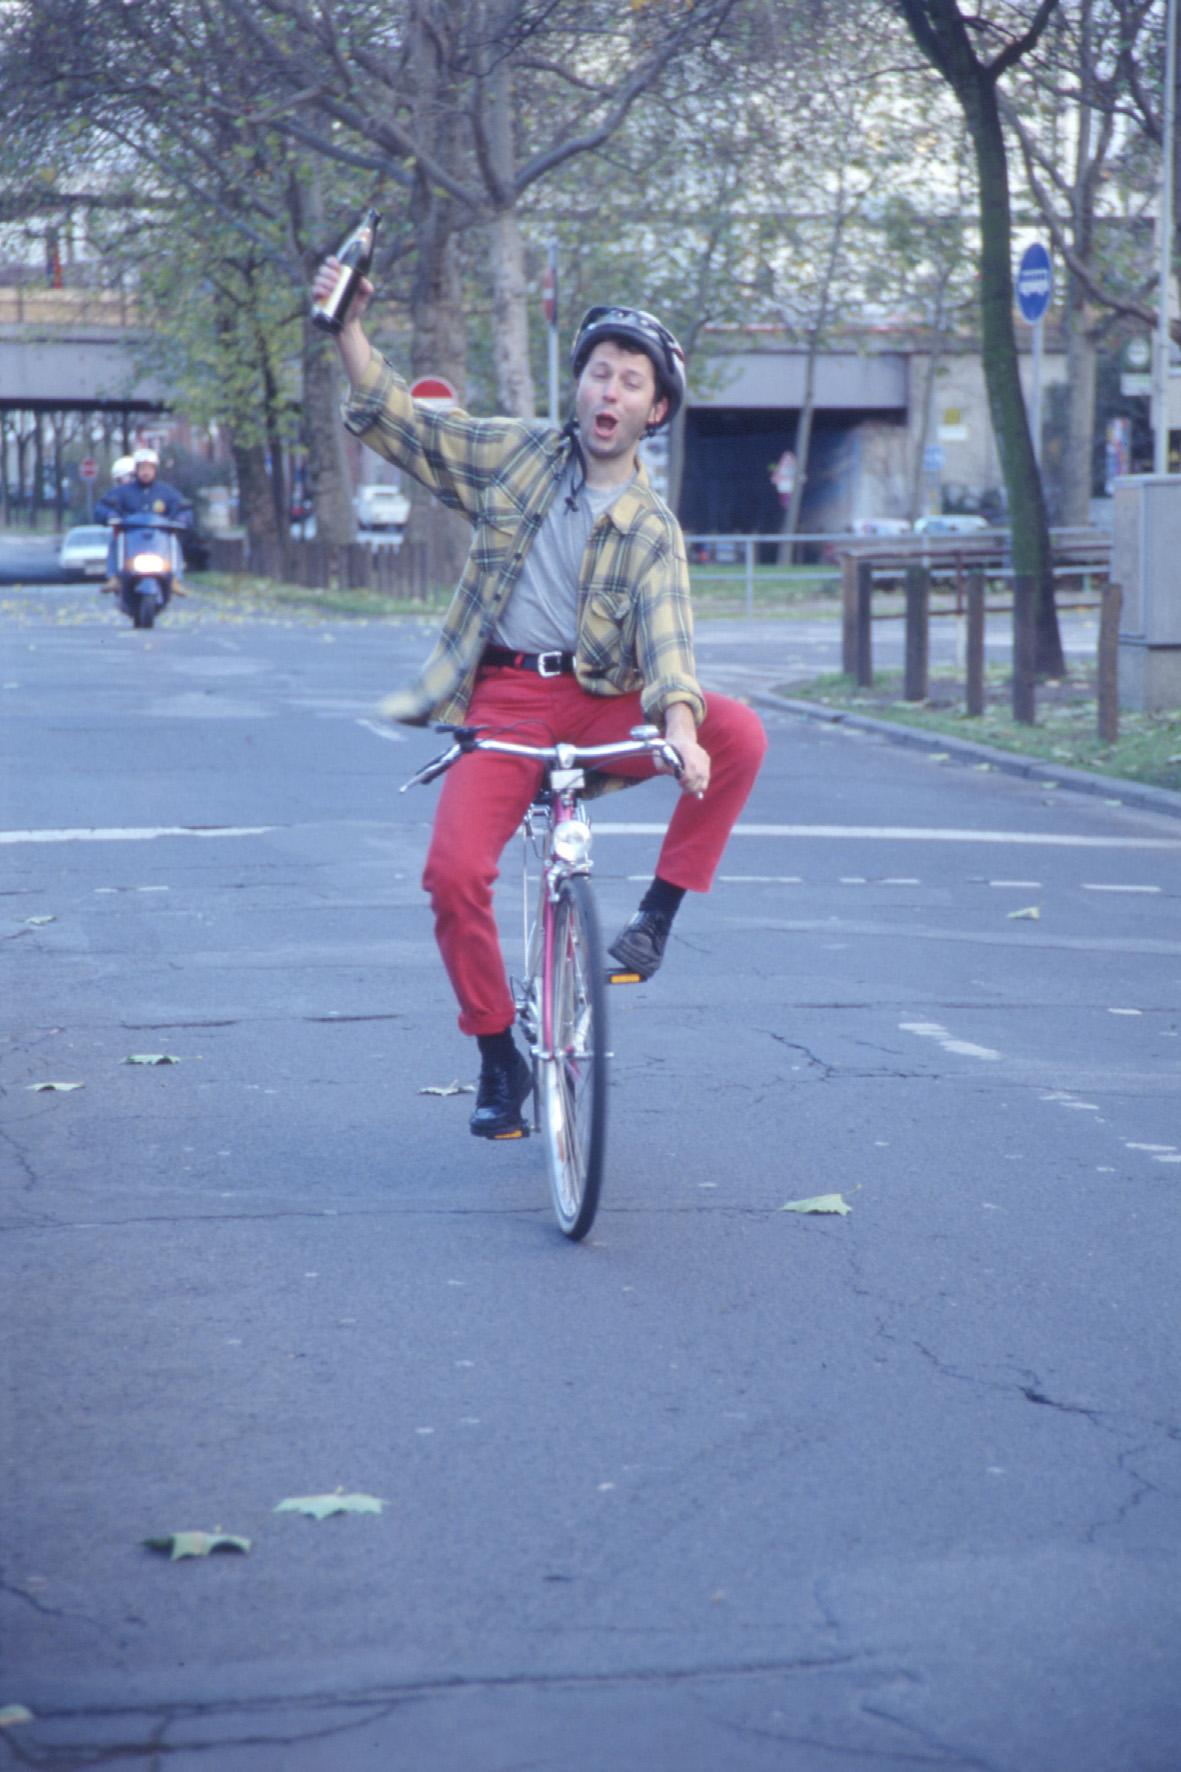 Verkehrswacht fordert Promille-Grenze für Radfahrer: 1,1 Promille